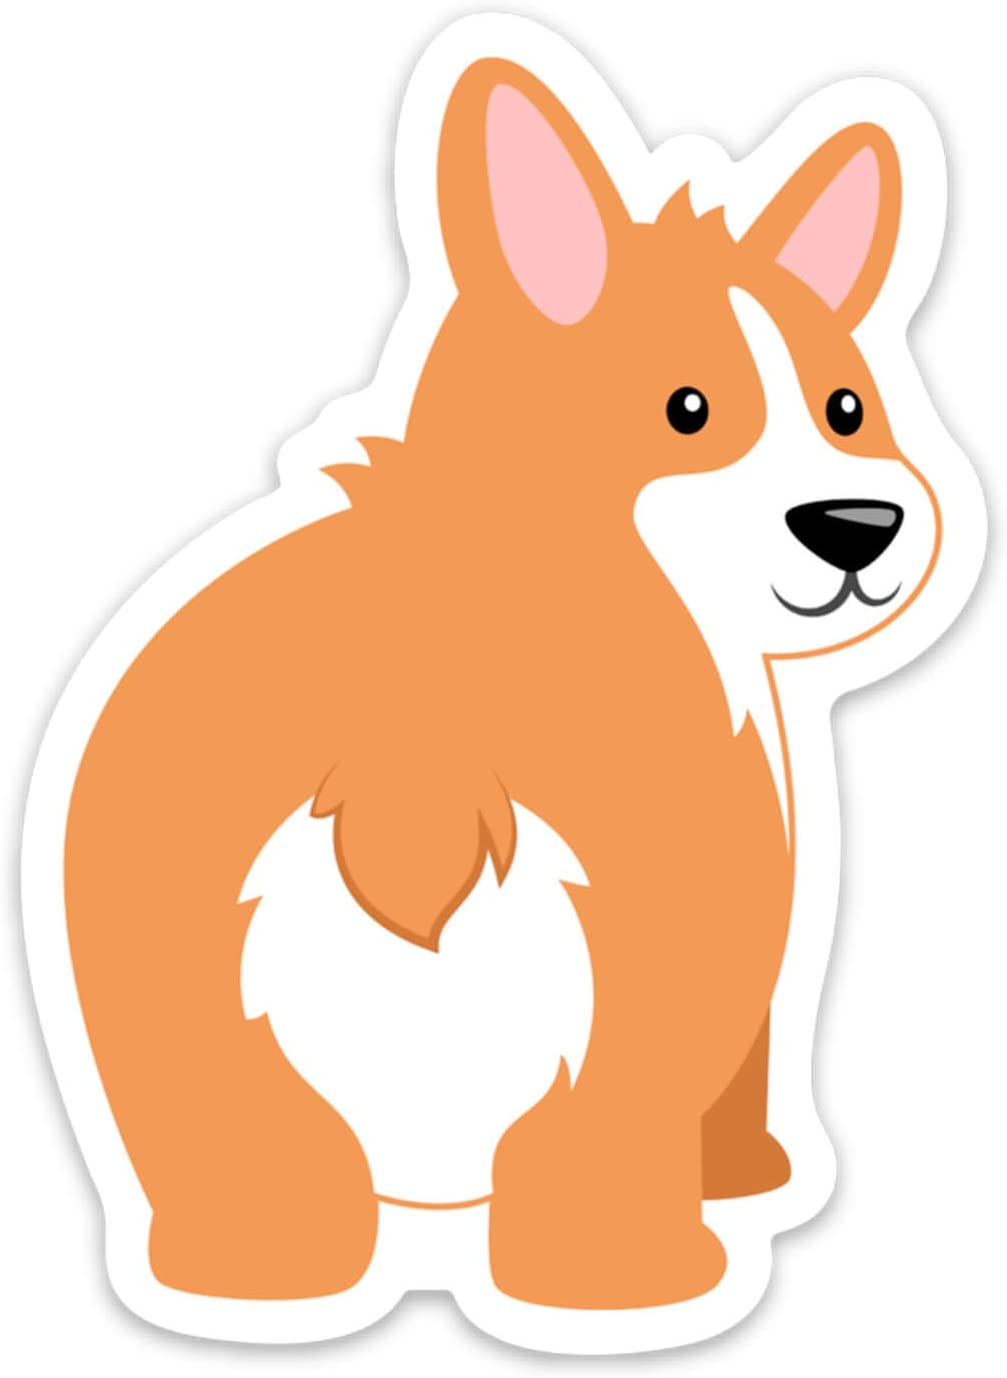 """Stickeroonie Dog Stickers, 4"""" x 3"""" Corgi Dog Sticker, Cute Dog Vinyl Stickers, Skateboard Stickers, Laptop Stickers, Car Decals, Phone Stickers"""